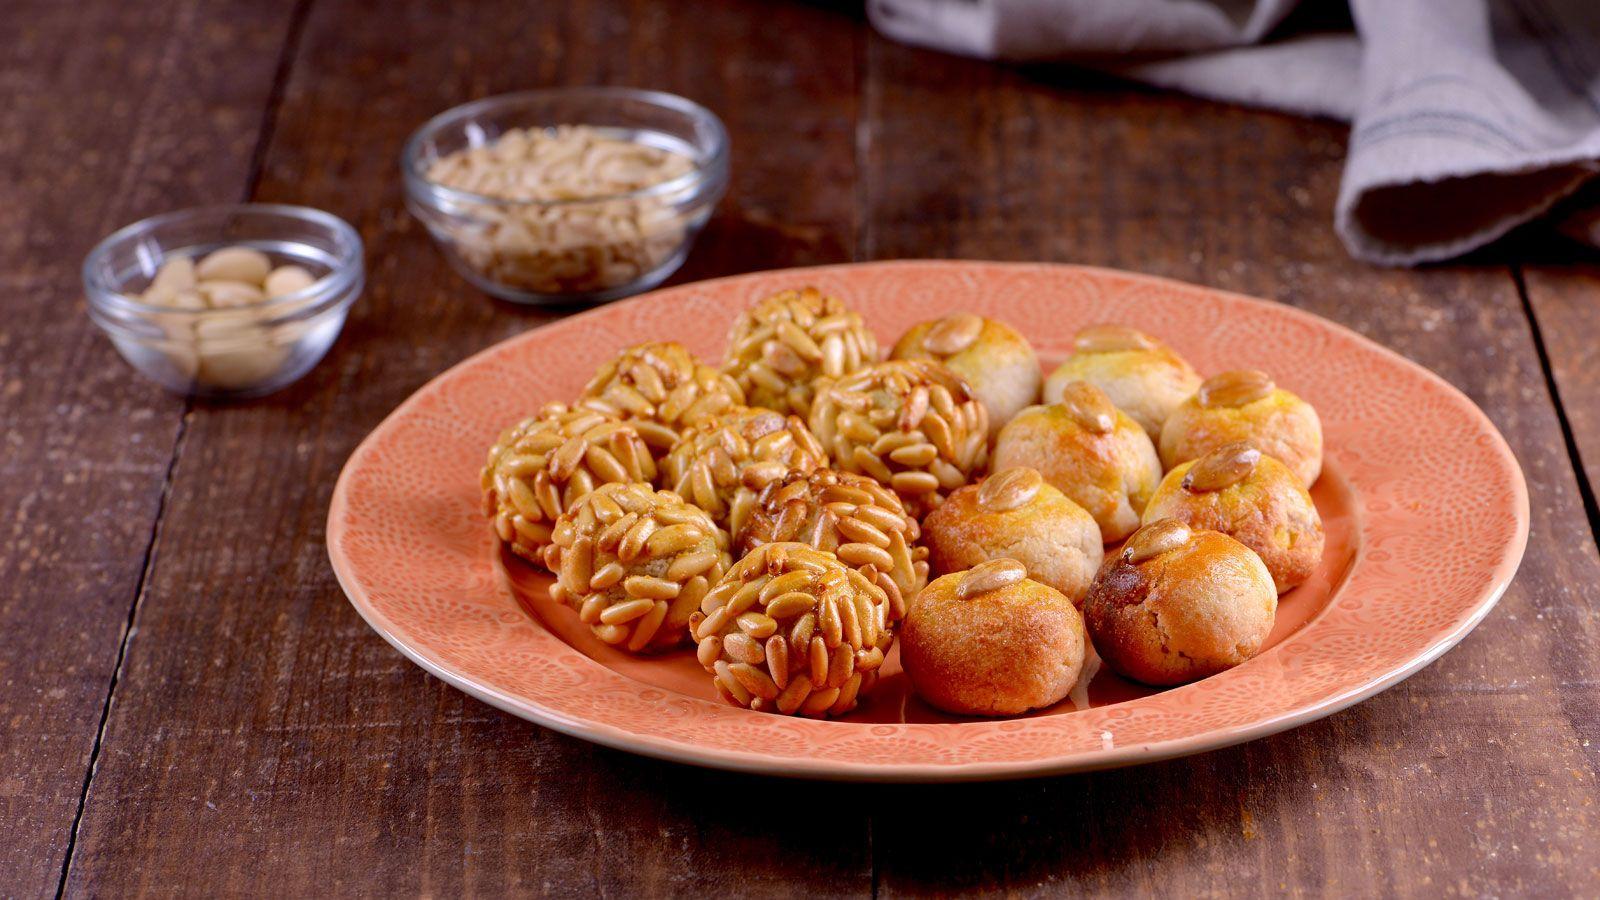 Receta De Postre De Patata Decorado Con Piñones Y Almendras De La Cocinera Amanda Laporte Postres Caseros T2 Süßigkeiten Pralinen